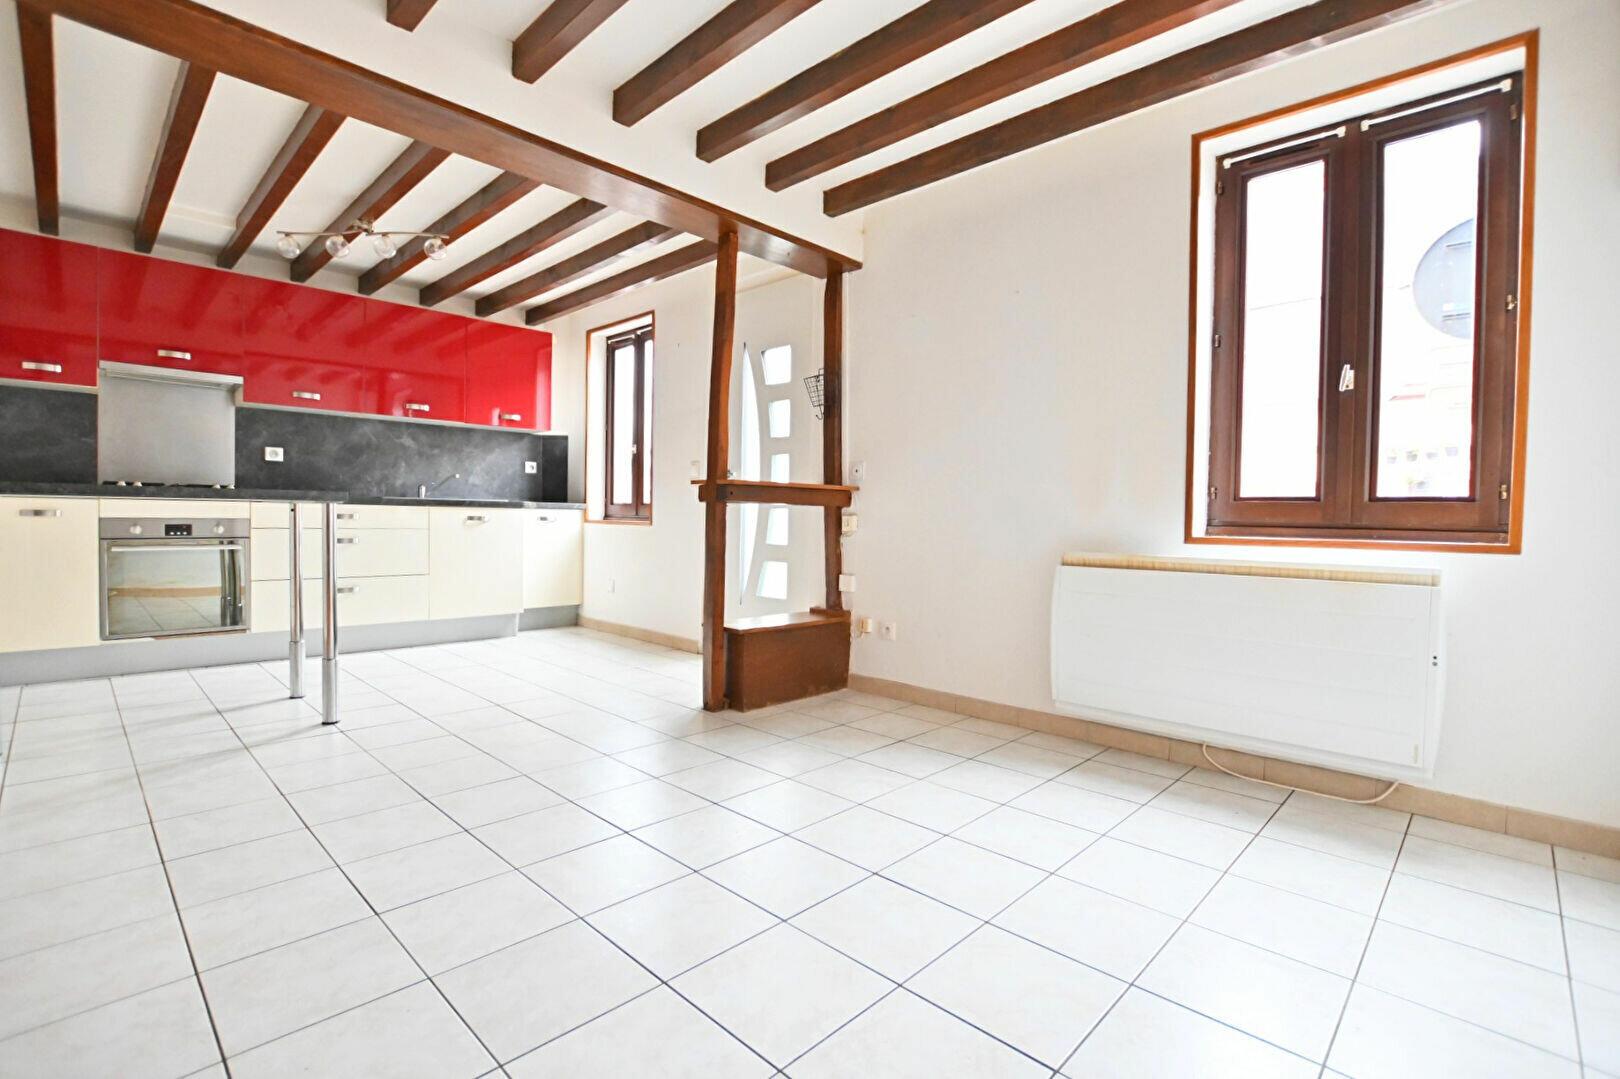 Maison à louer 2 40.9m2 à Abbeville vignette-1